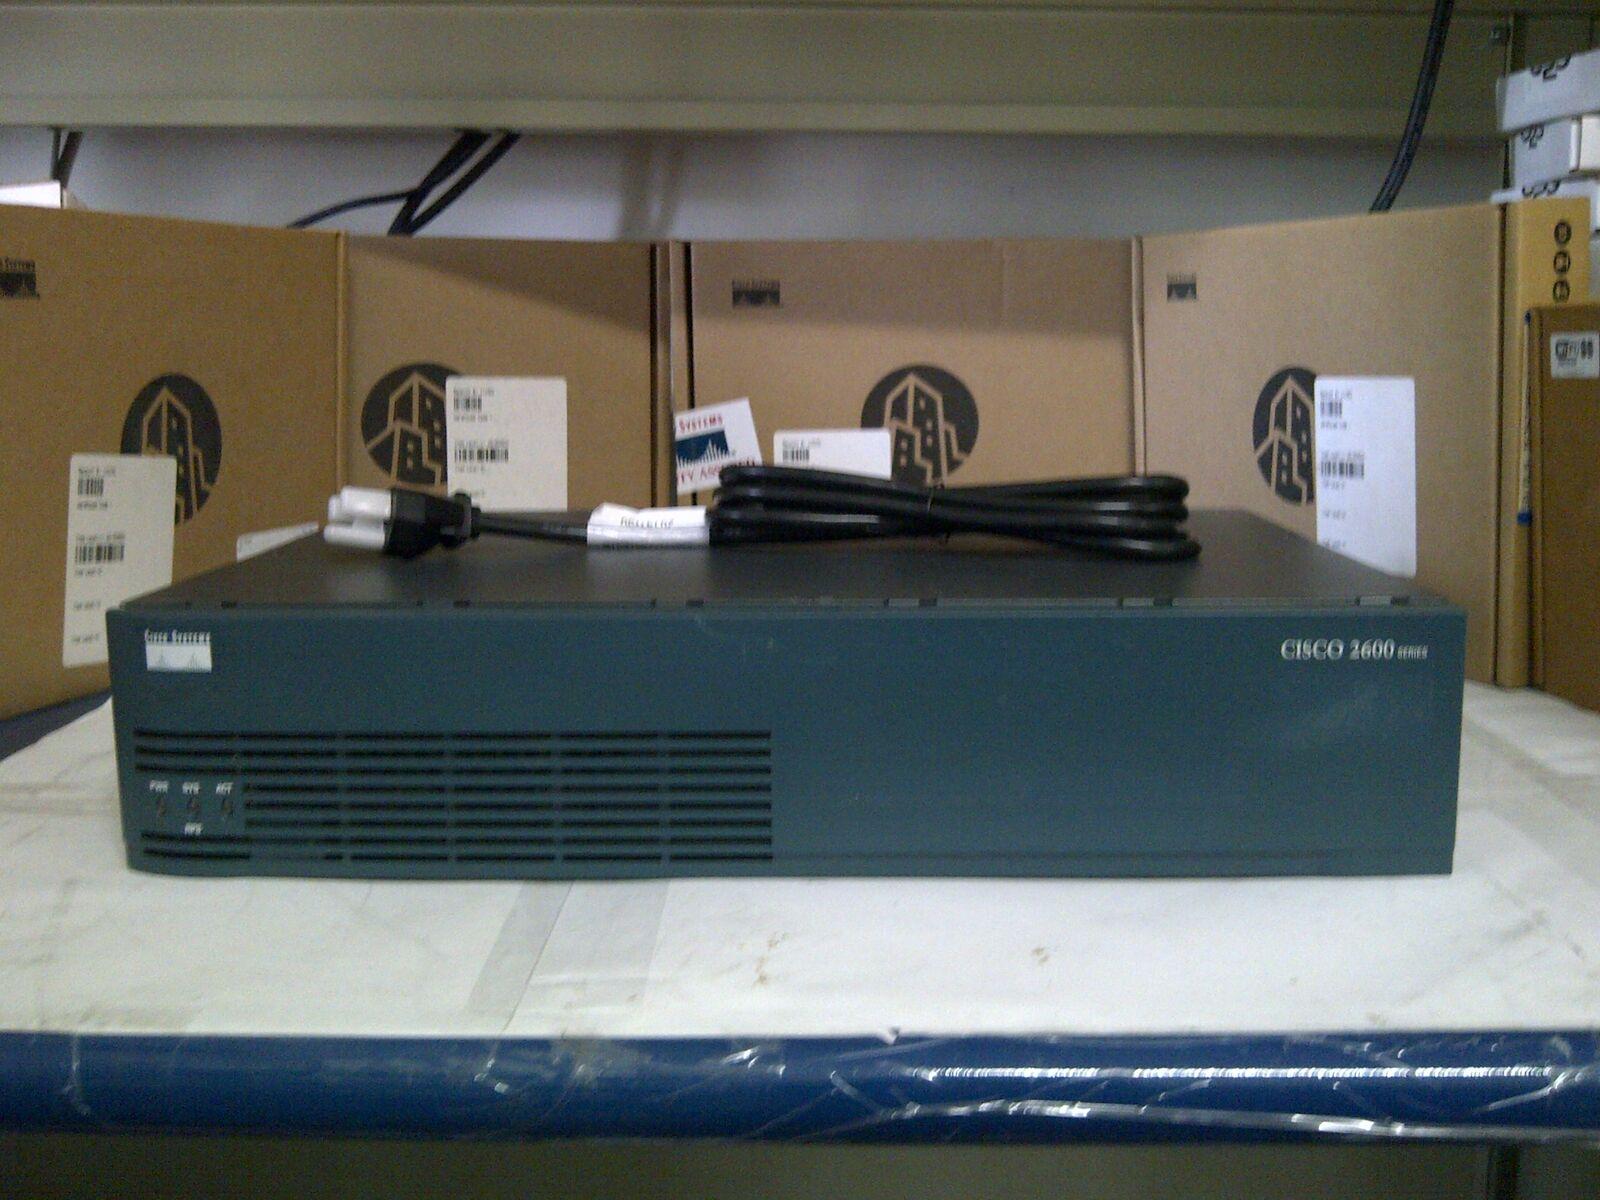 CISCO2691-FAN= 1 new fan Cisco 2691 Router Fan Replacement